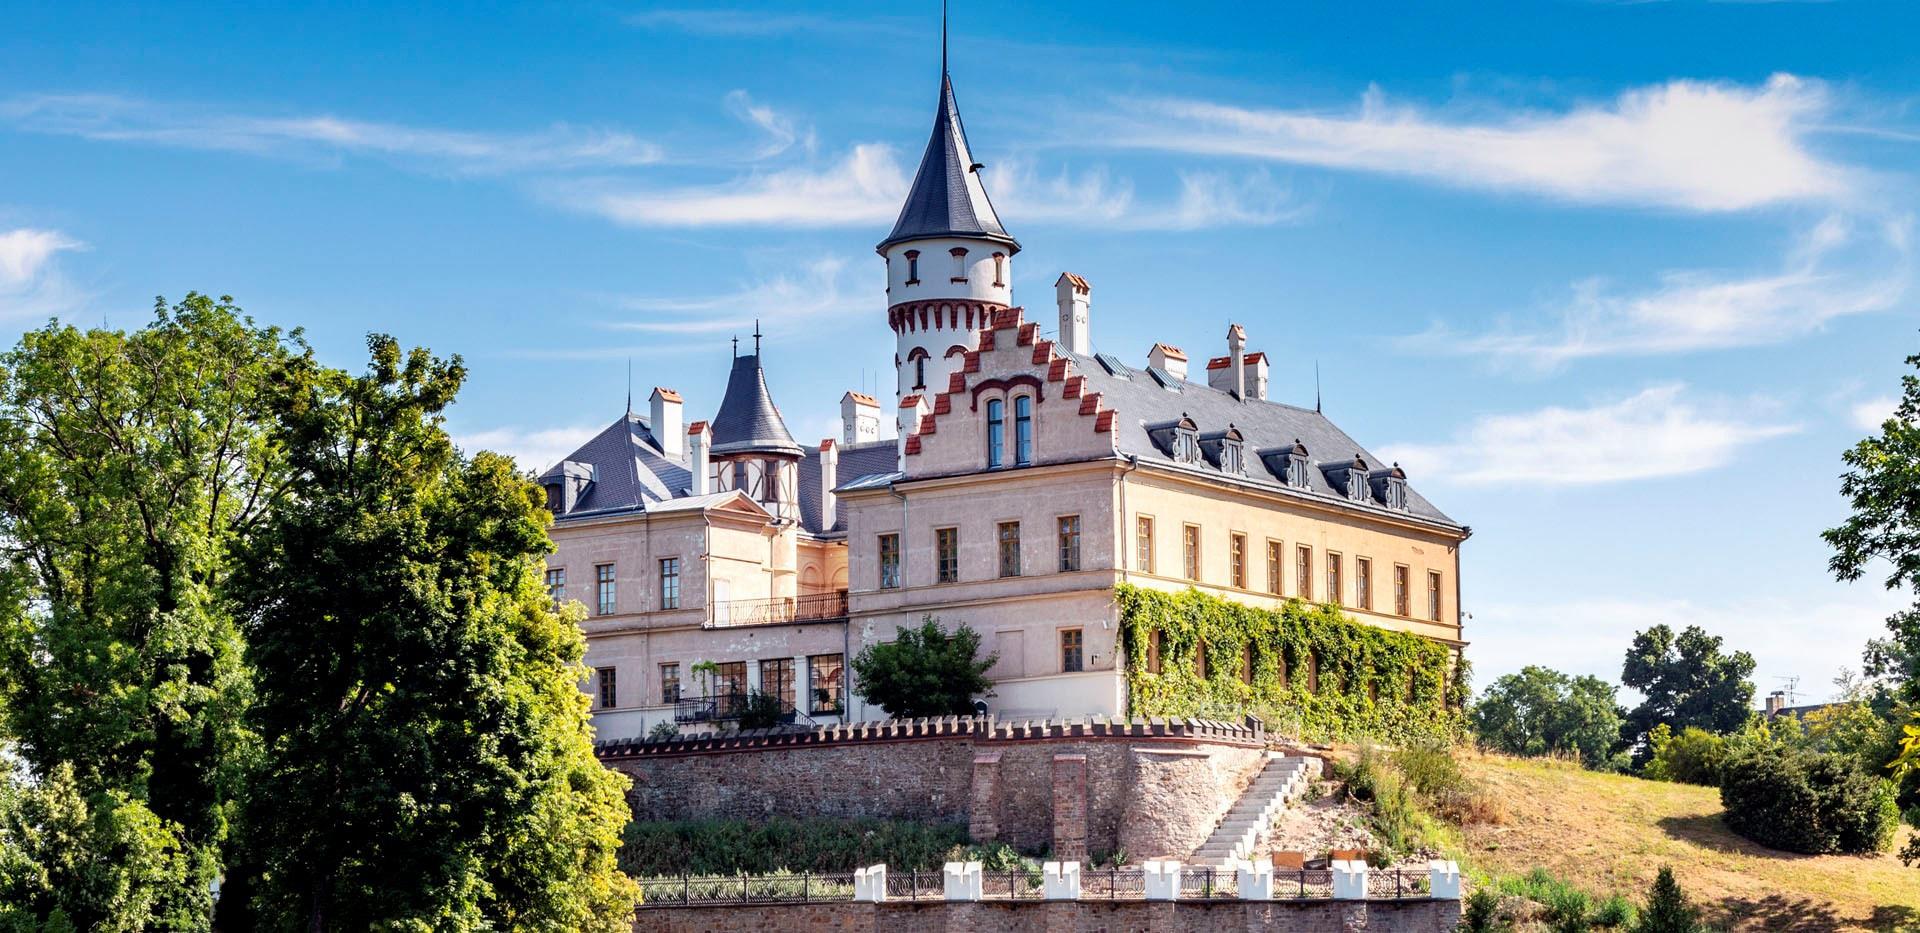 Raduň chateau - Zažijte světový Moravskoslezský kraj